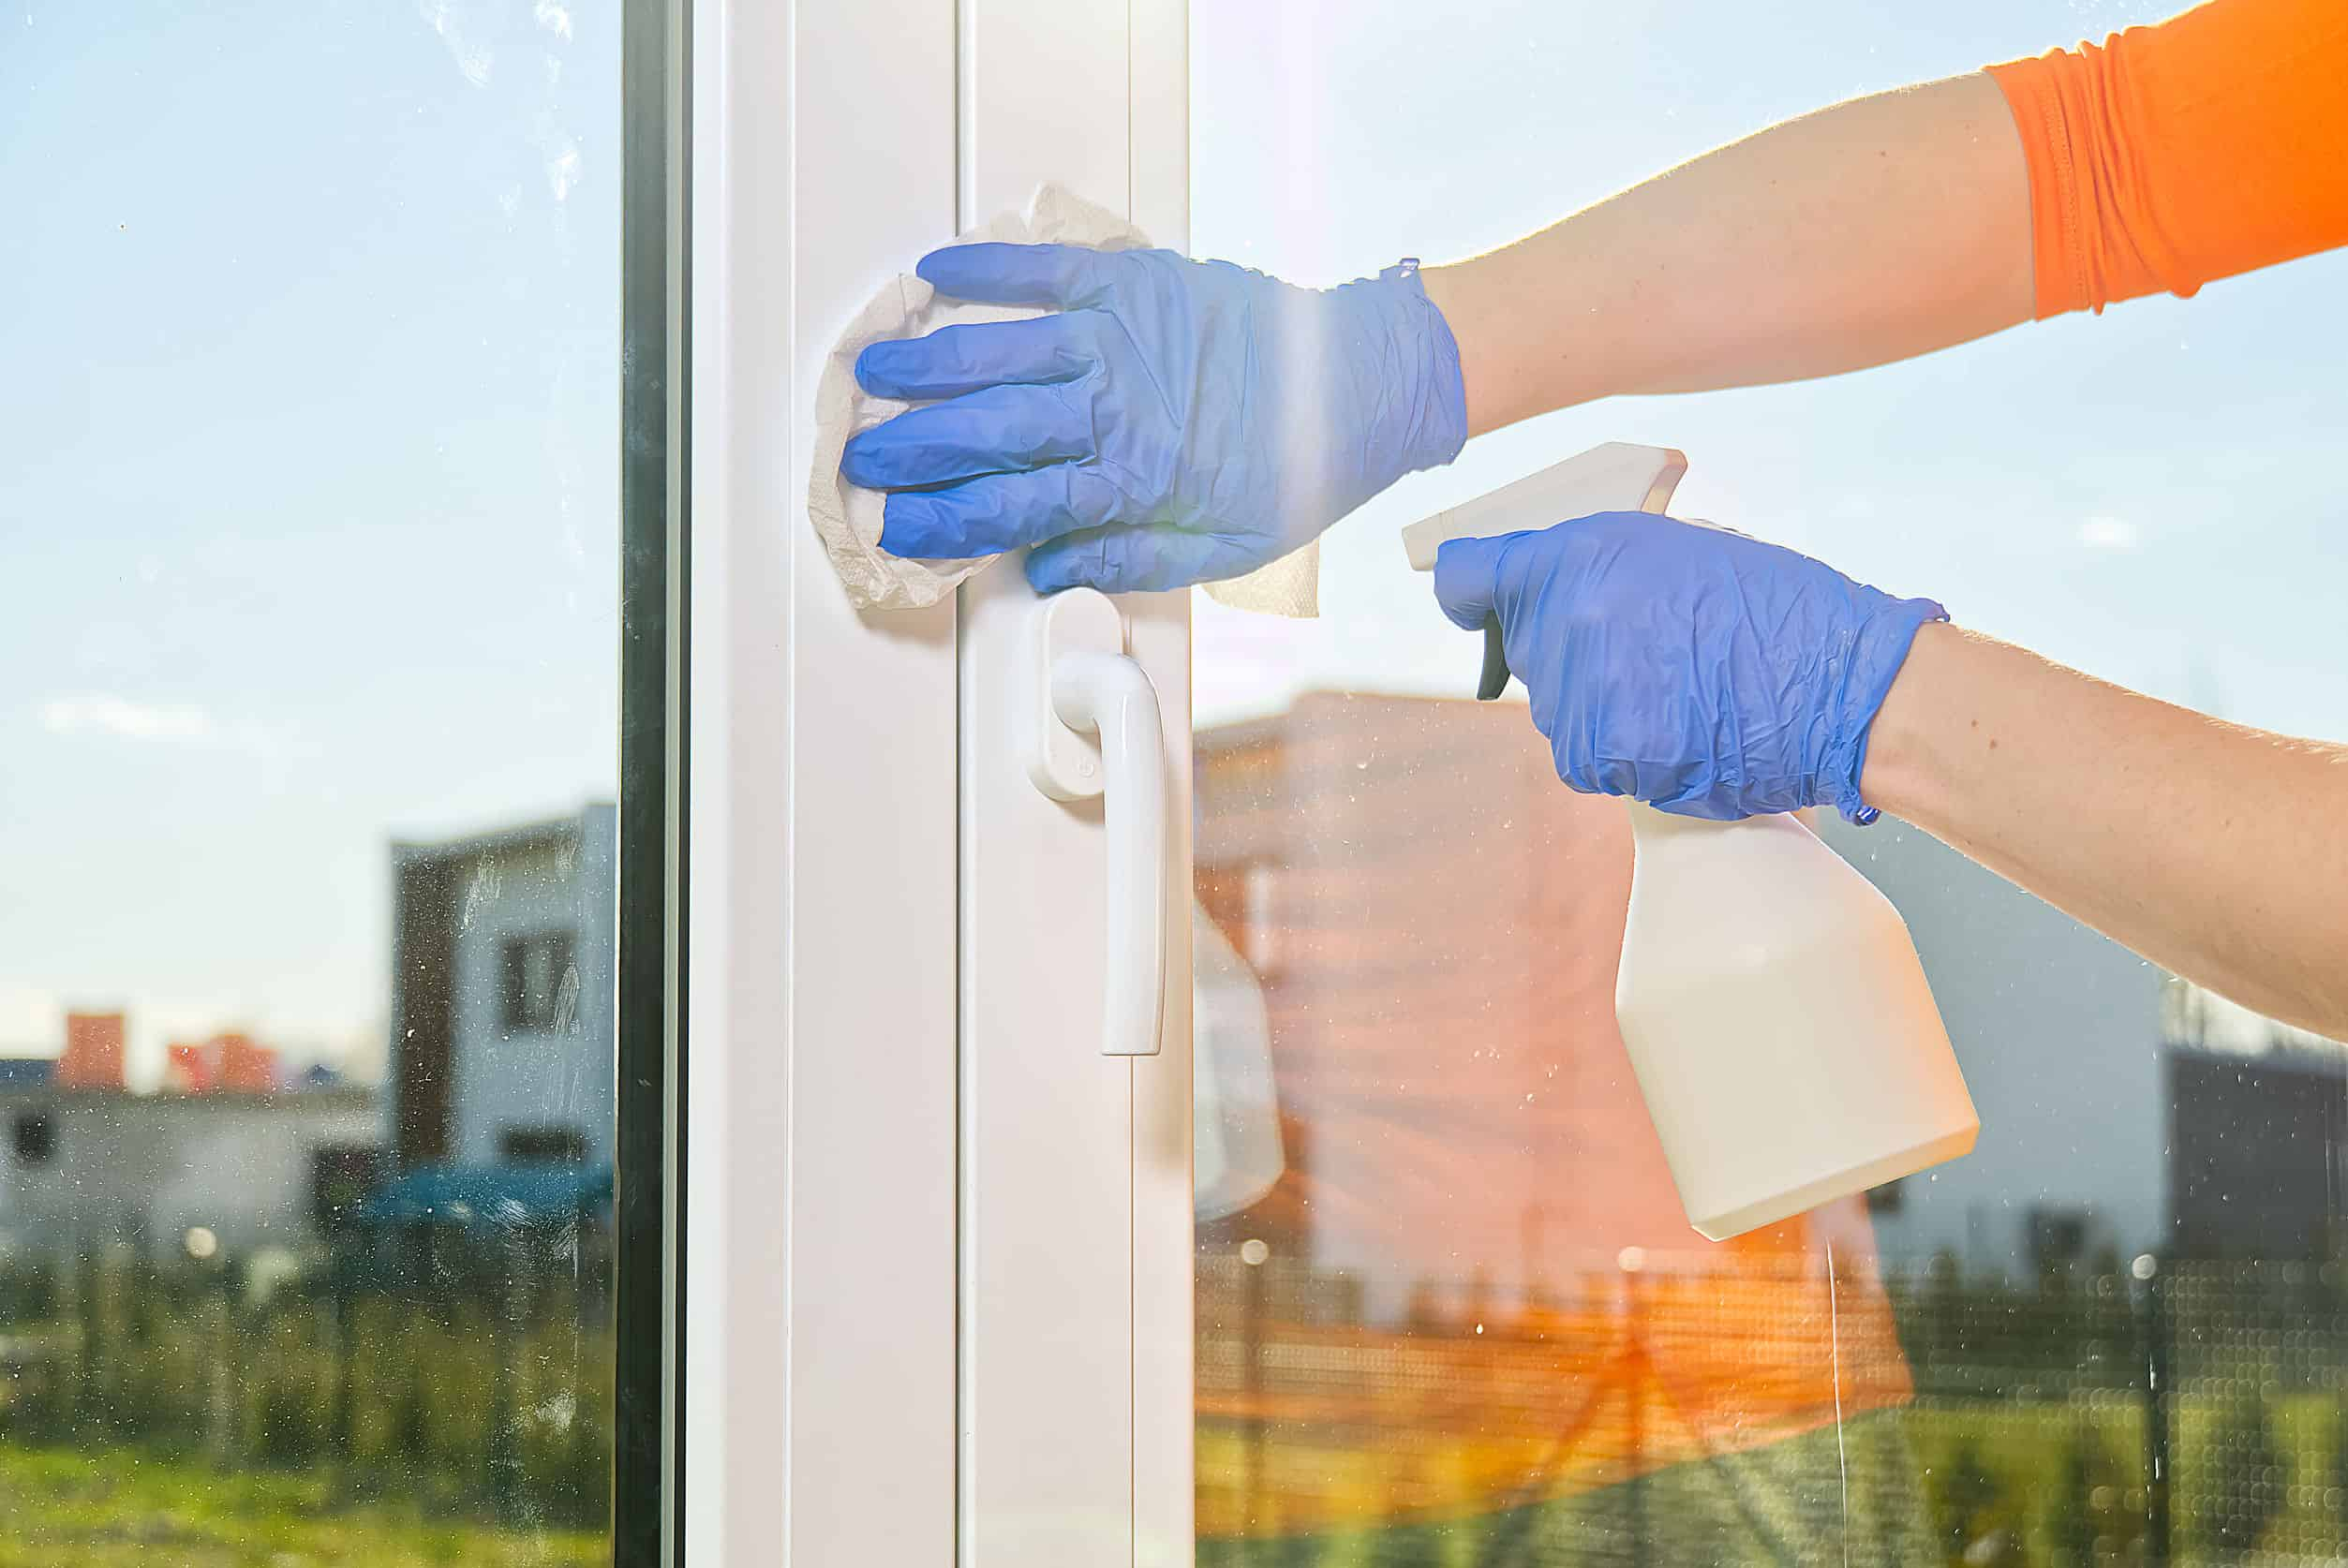 Kunststofffenster reinigen: Kunststofffenster, Hände mit Gummihandschuhen